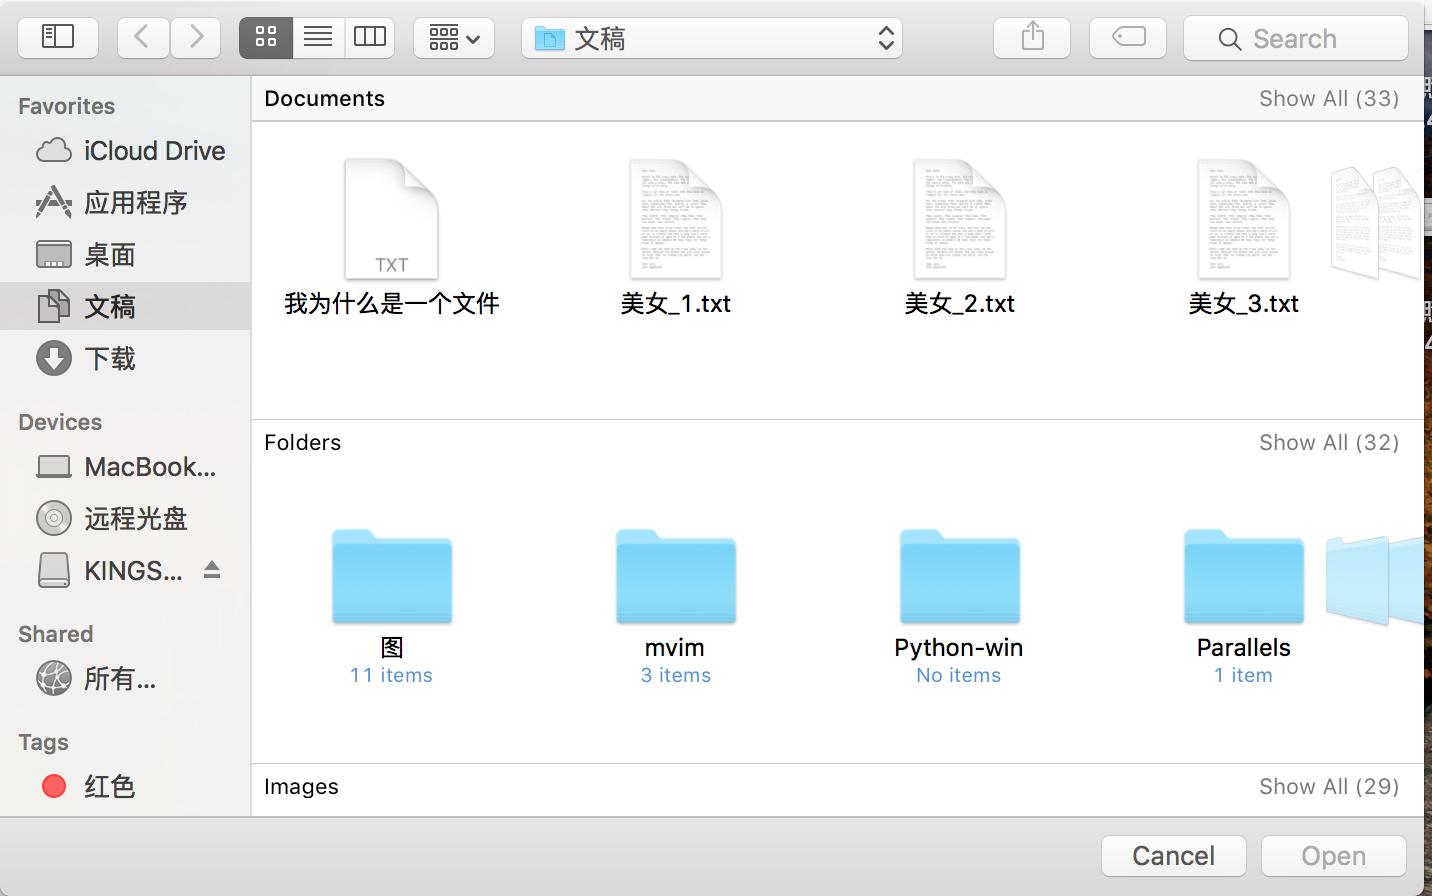 文件浏览框选择文件后点Open,就卡住了,没有报错。。求助,Python